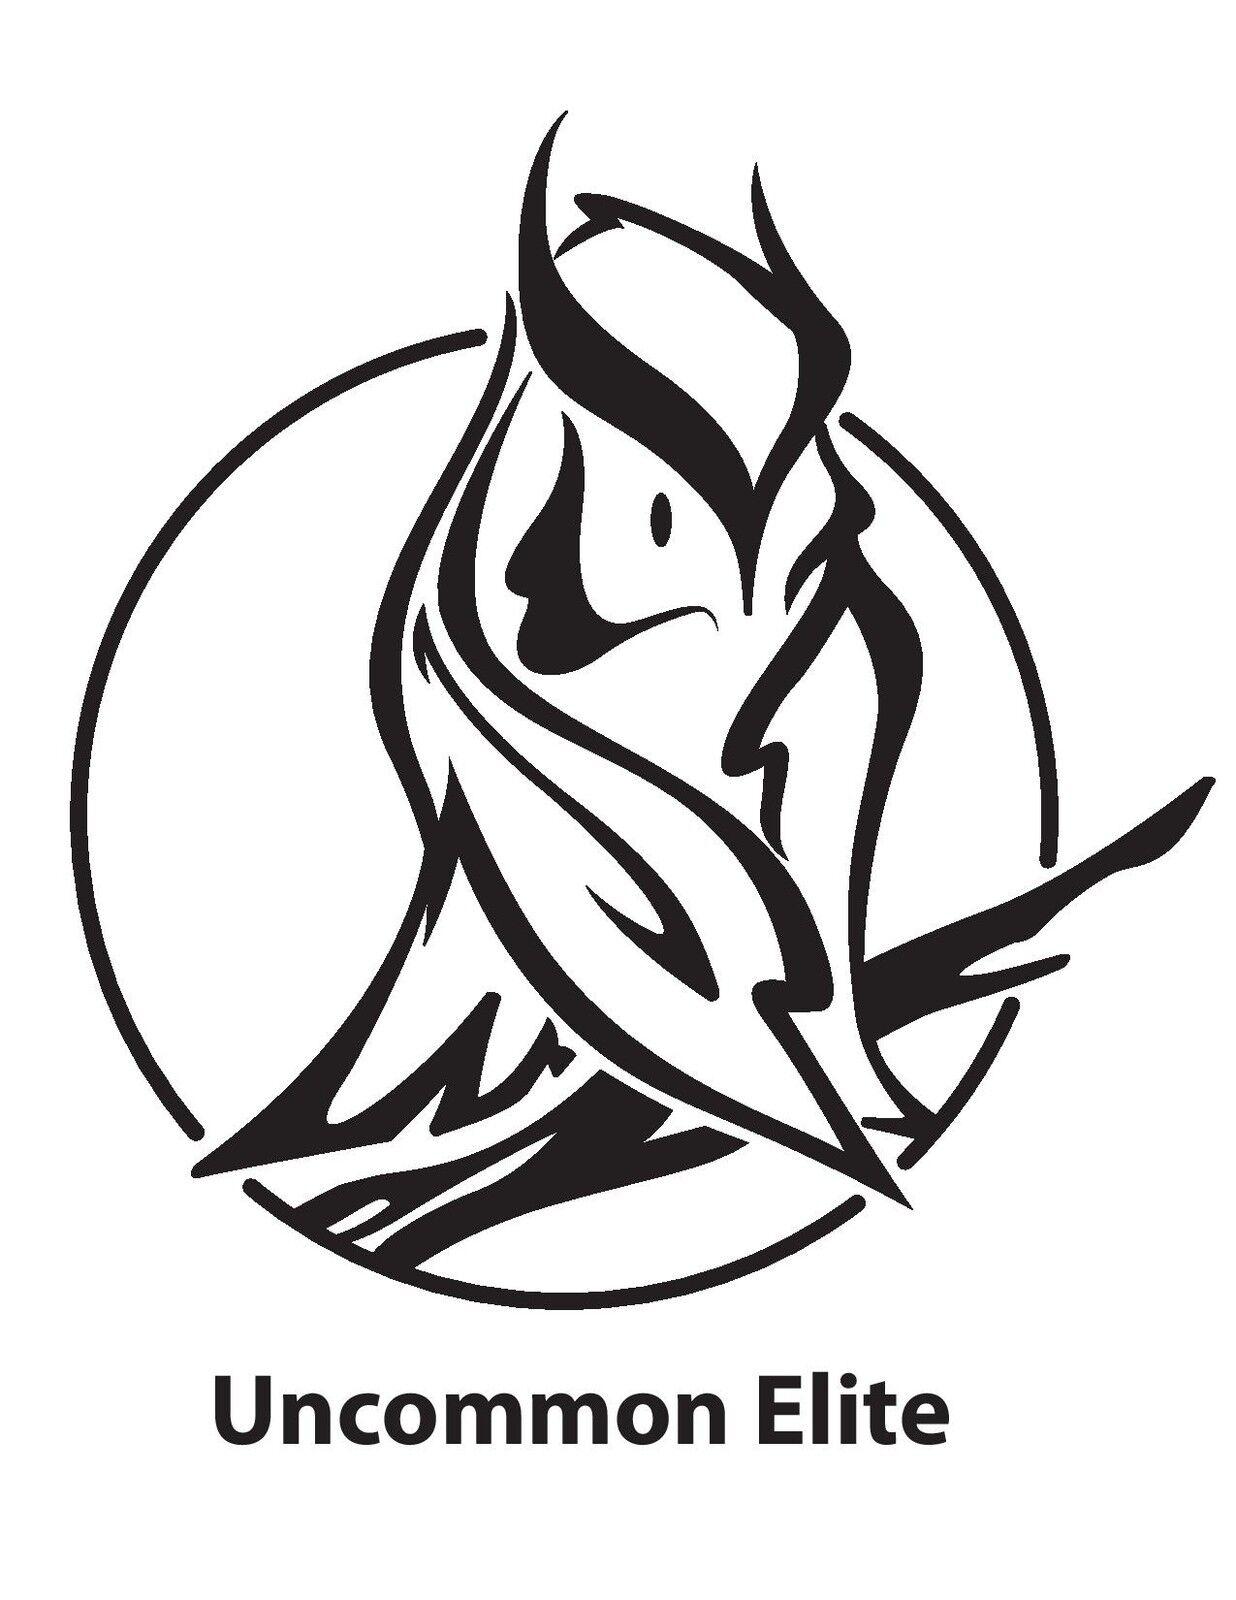 Uncommon Elite